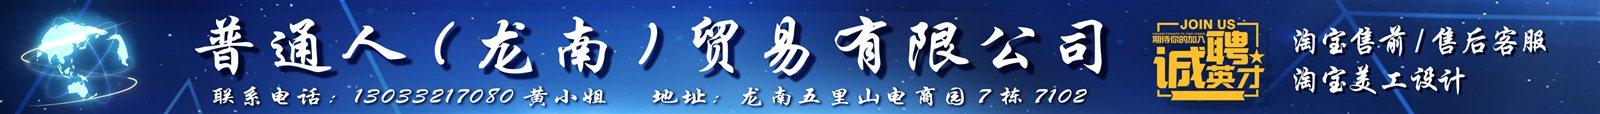 普通人(��南)�Q易有限公司